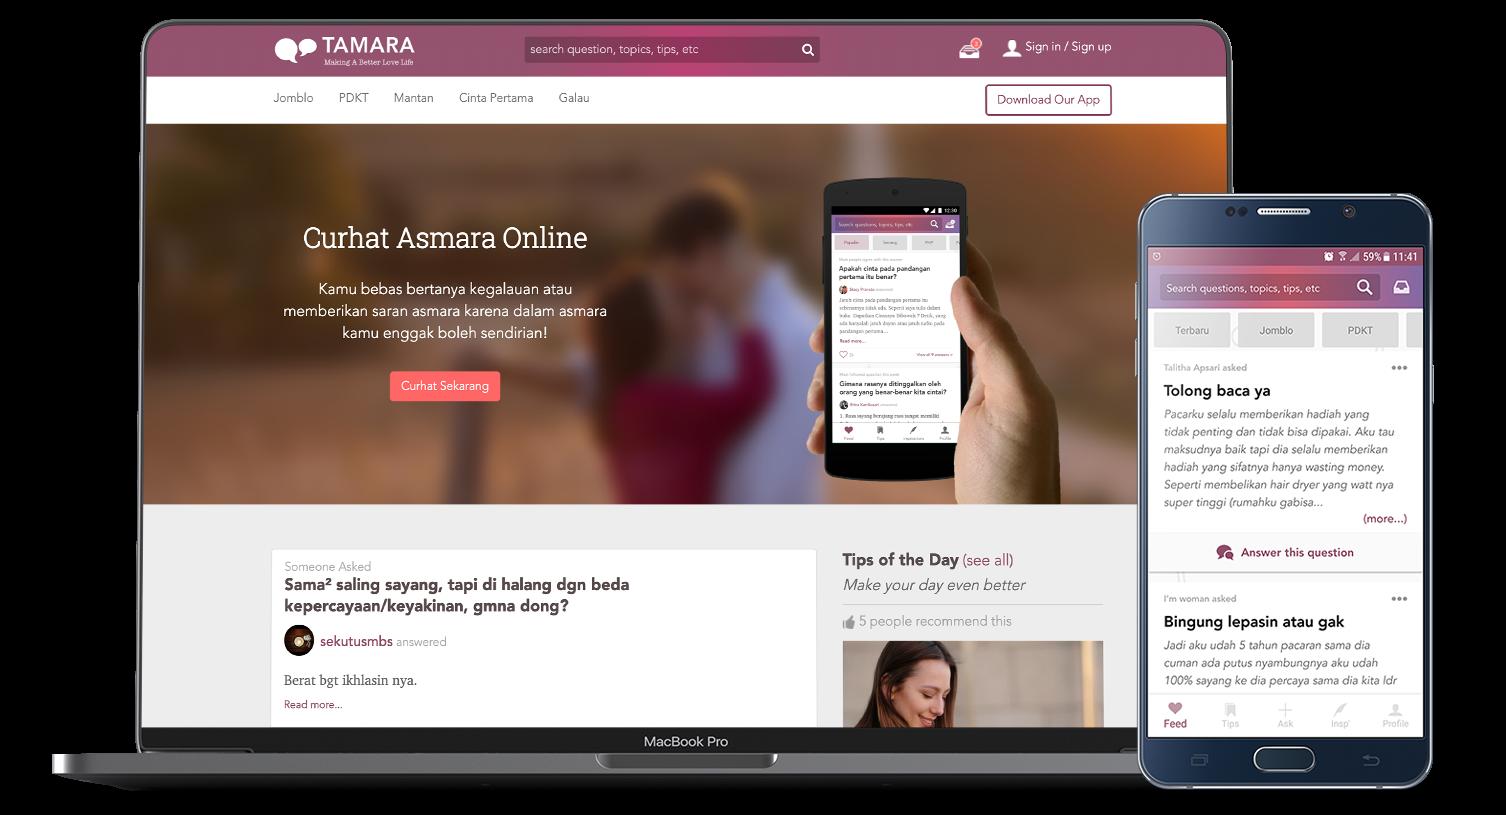 Tamara - Curhat Asmara Online